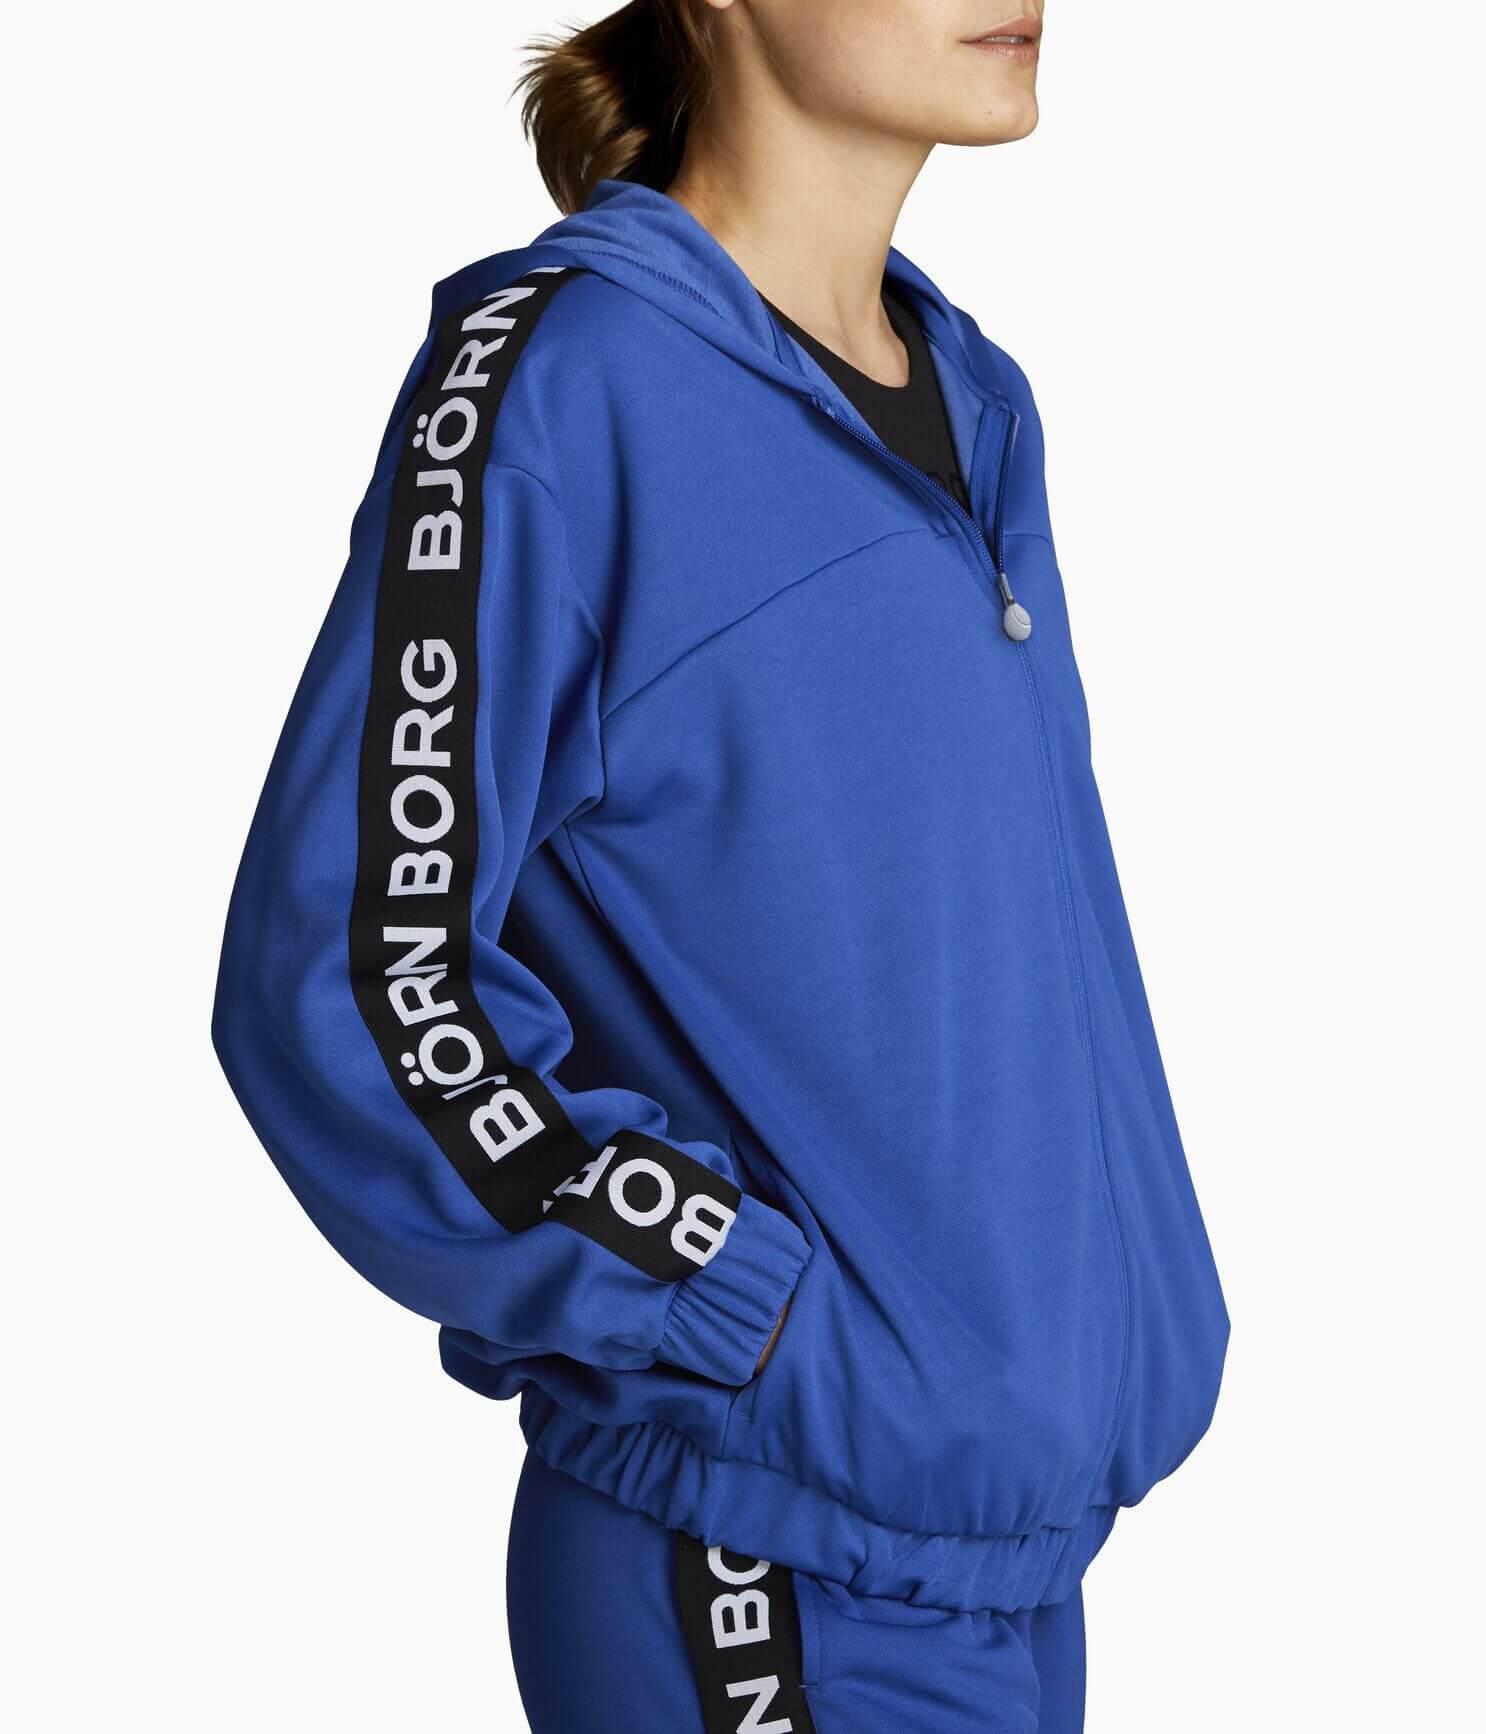 Blå hoodie med svarta sträck med logotyp